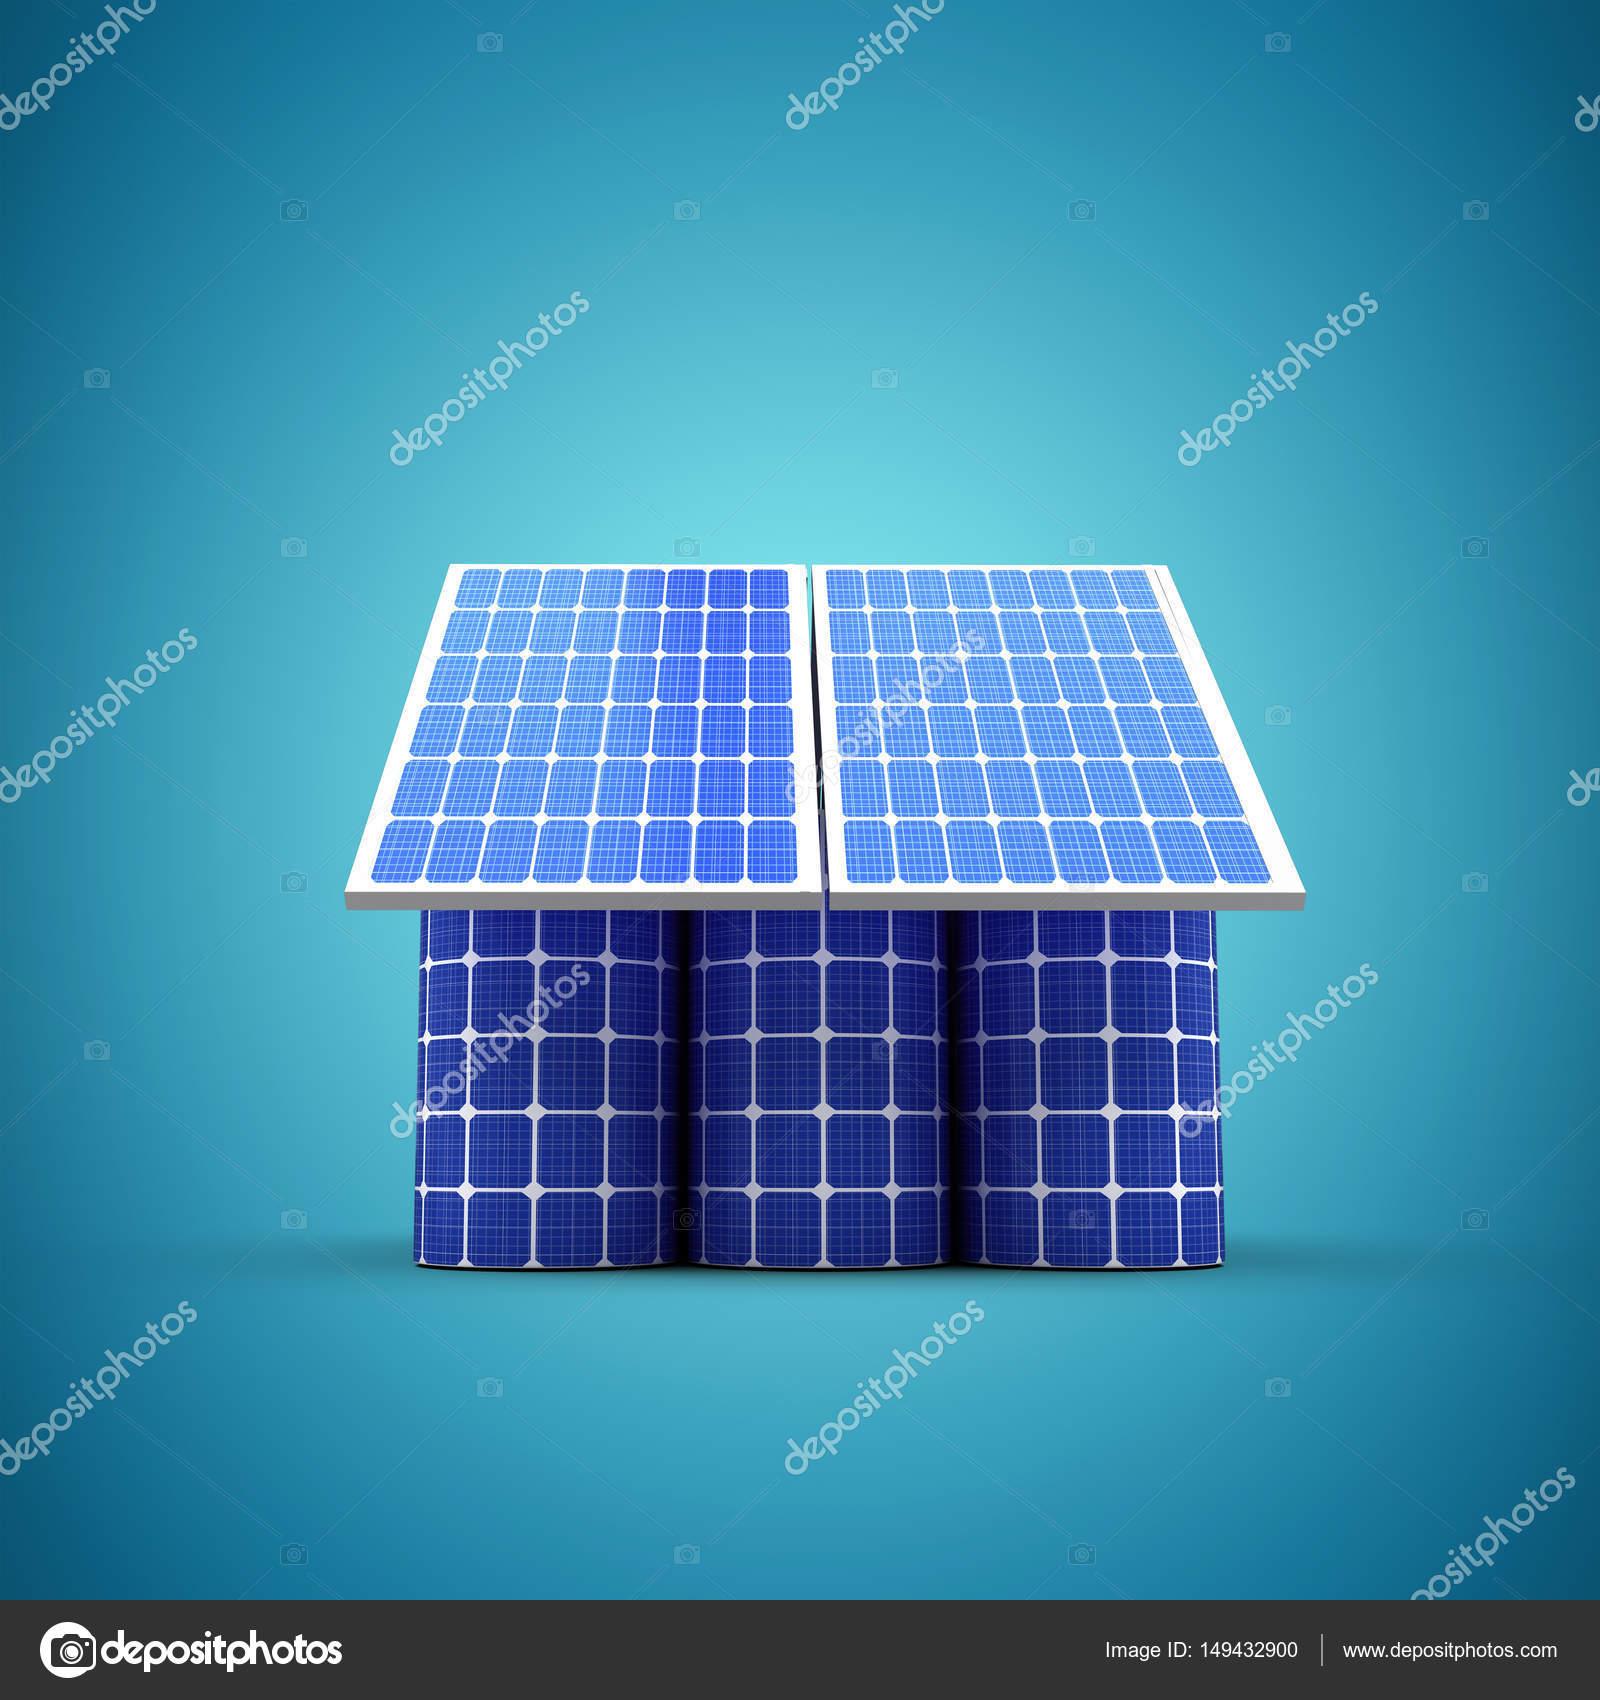 3D Bild Eines Hausmodell Aus Solarzelle Und Paneele Hintergrund Blaue  Vignette U2014 Foto Von Vectorfusionart